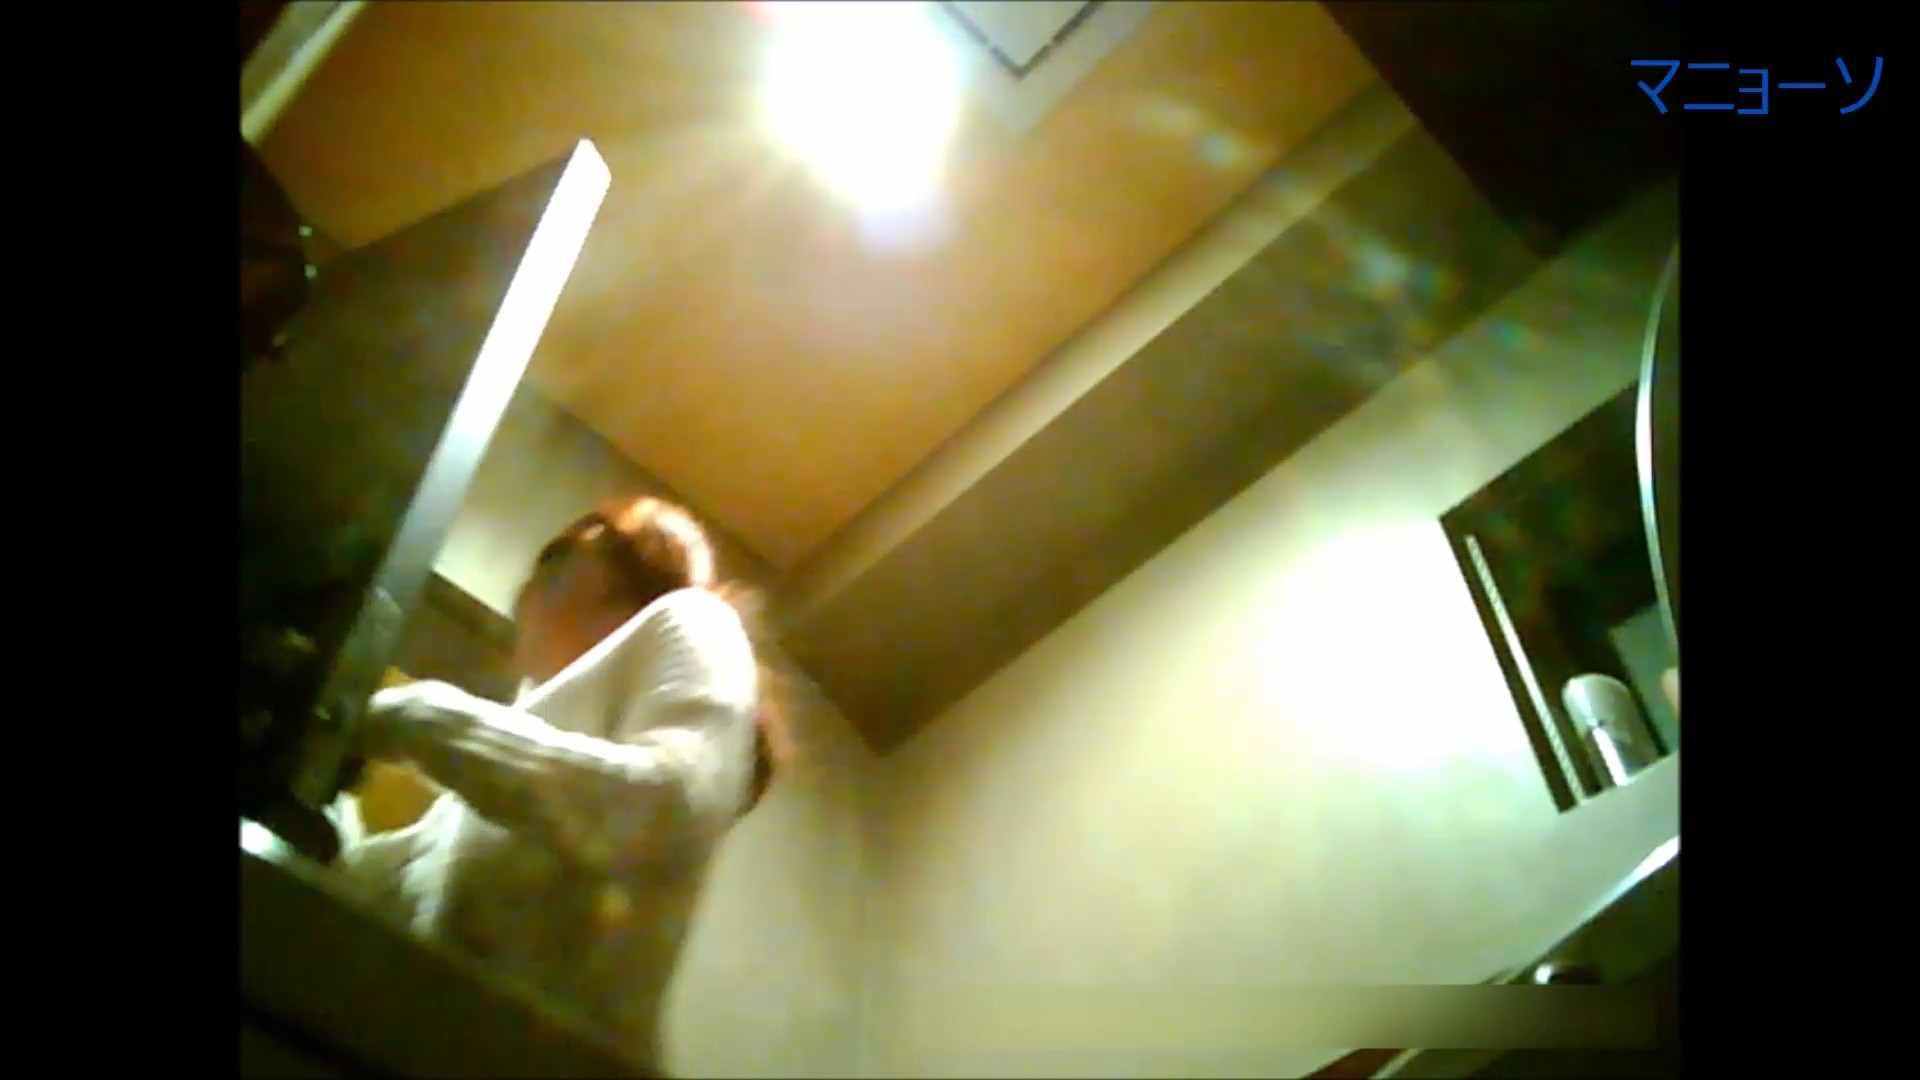 トイレでひと肌脱いでもらいました (JD編)Vol.02 トイレ  80pic 18